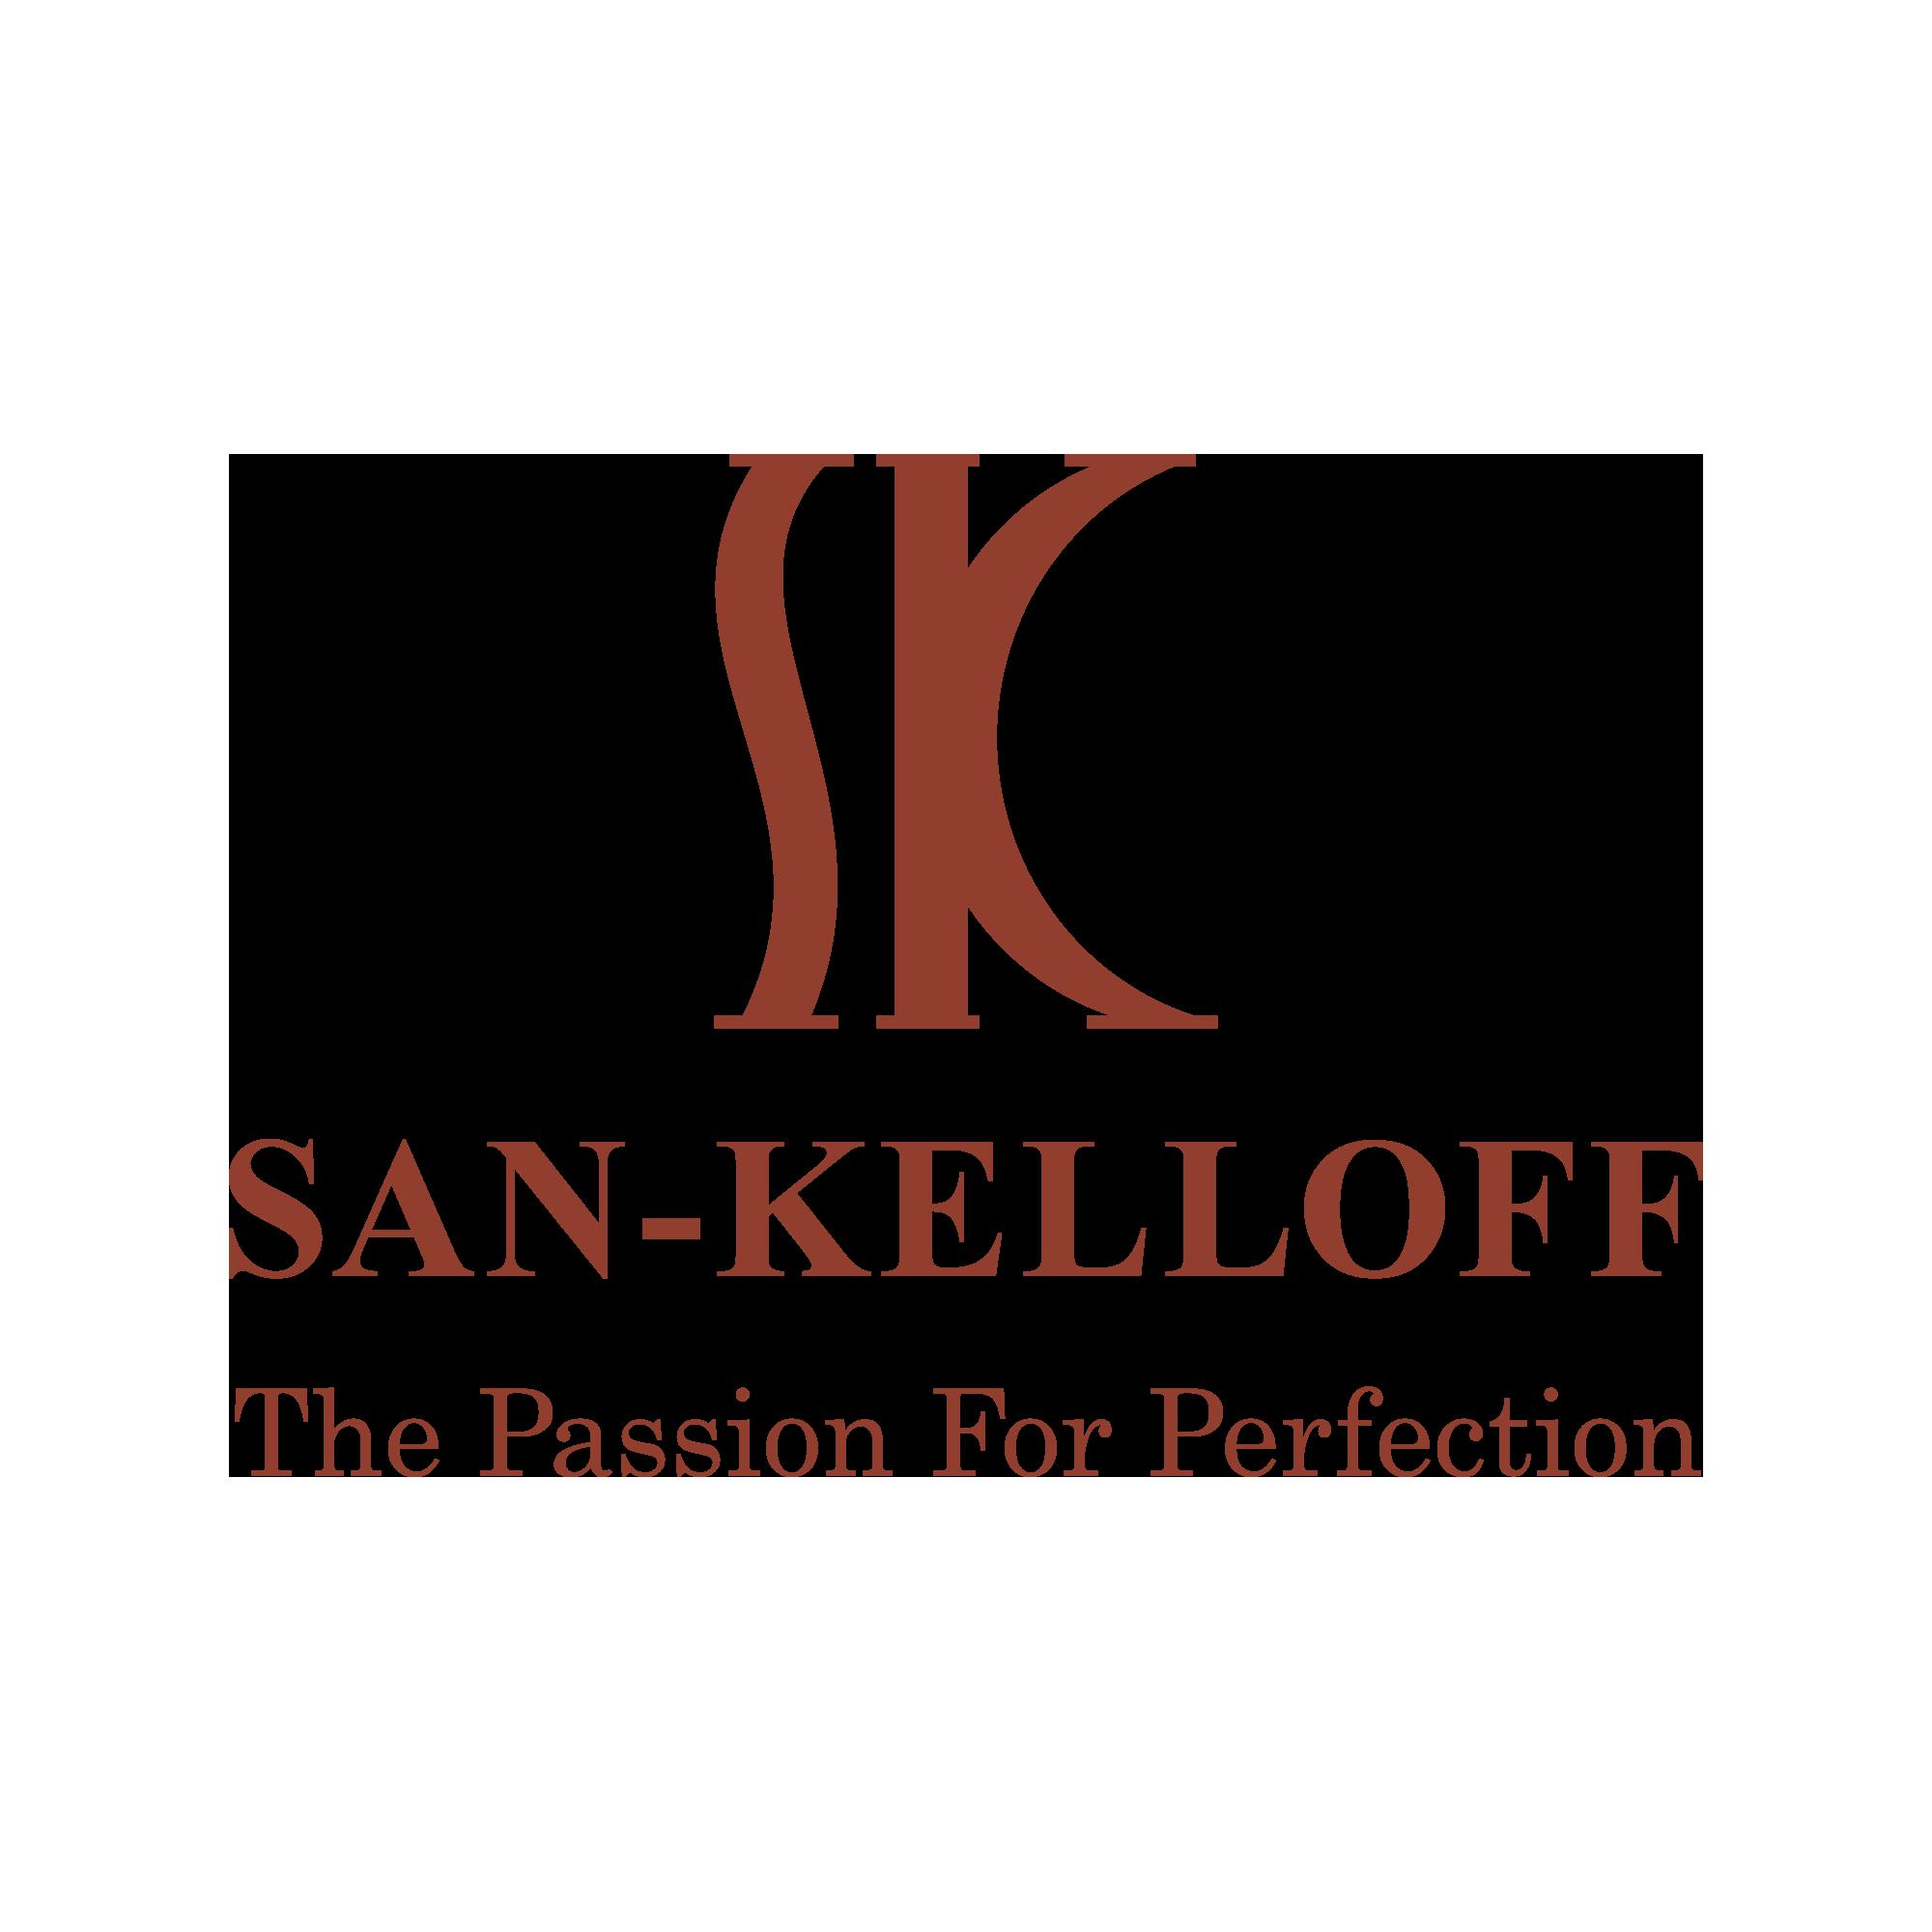 Sankelloff